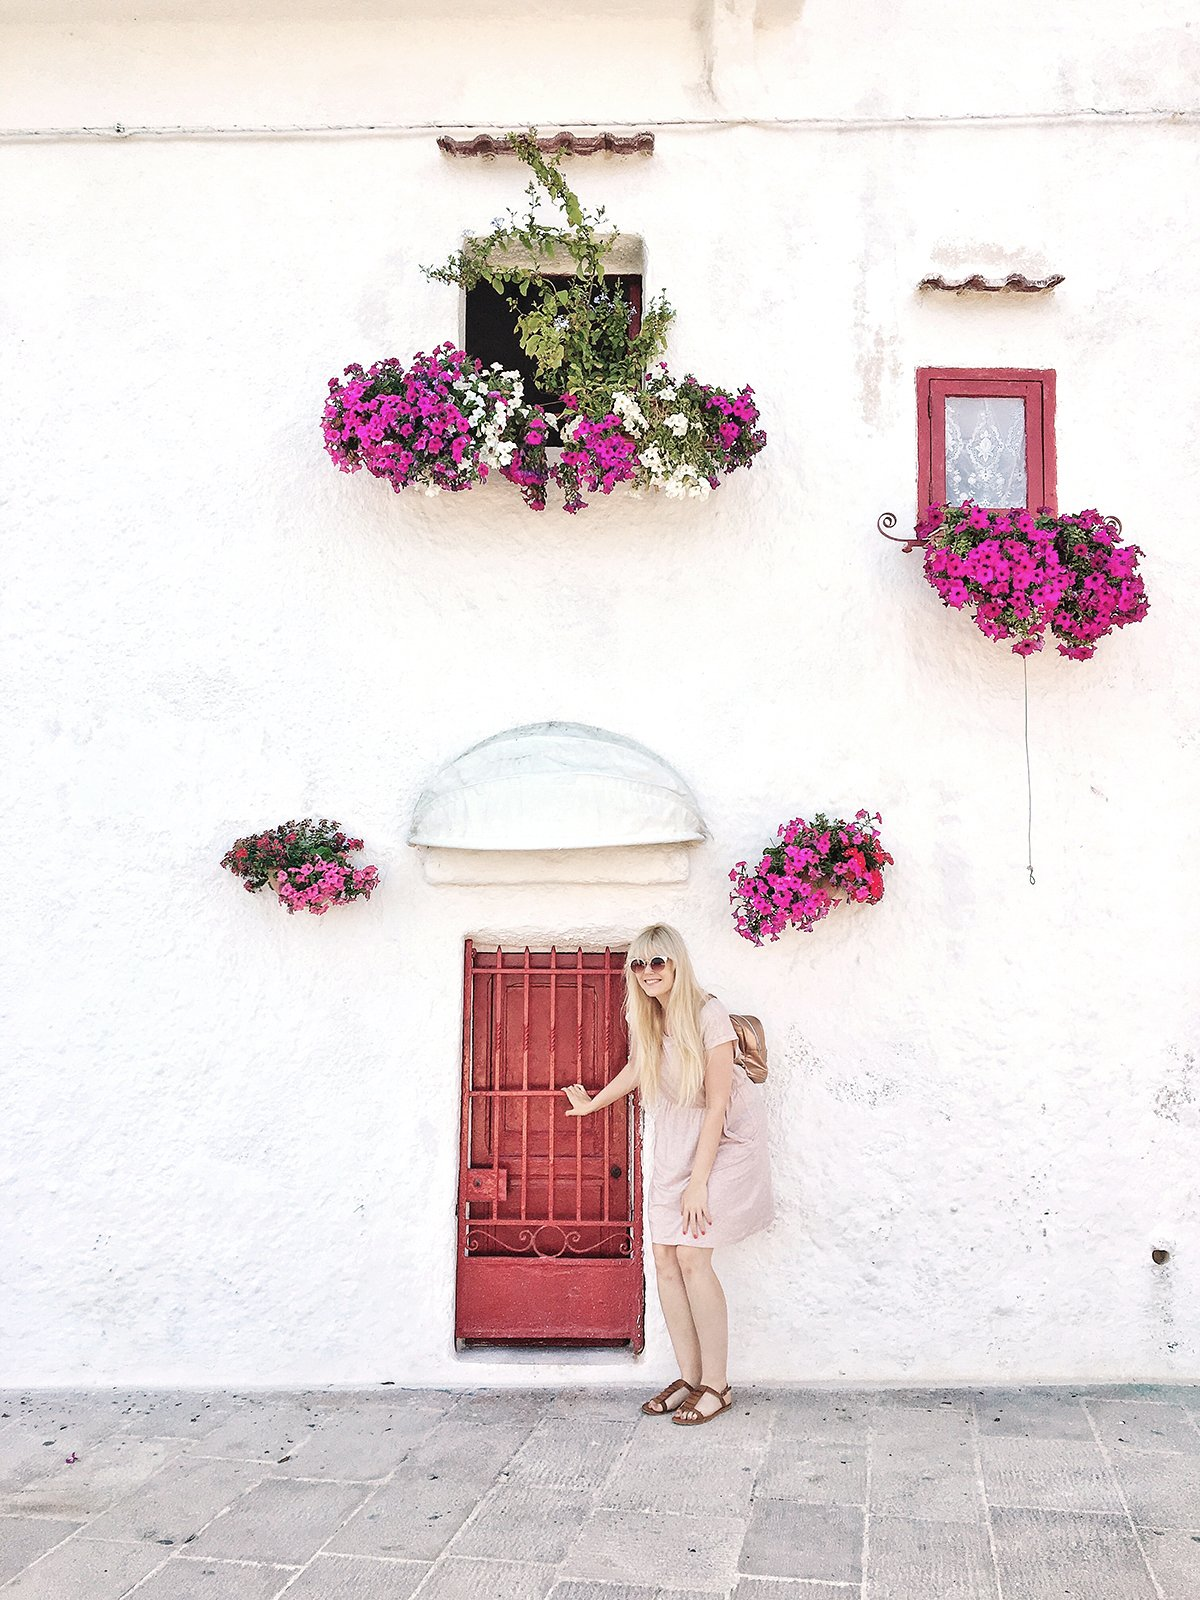 puglia_monopoli_red_door_girl